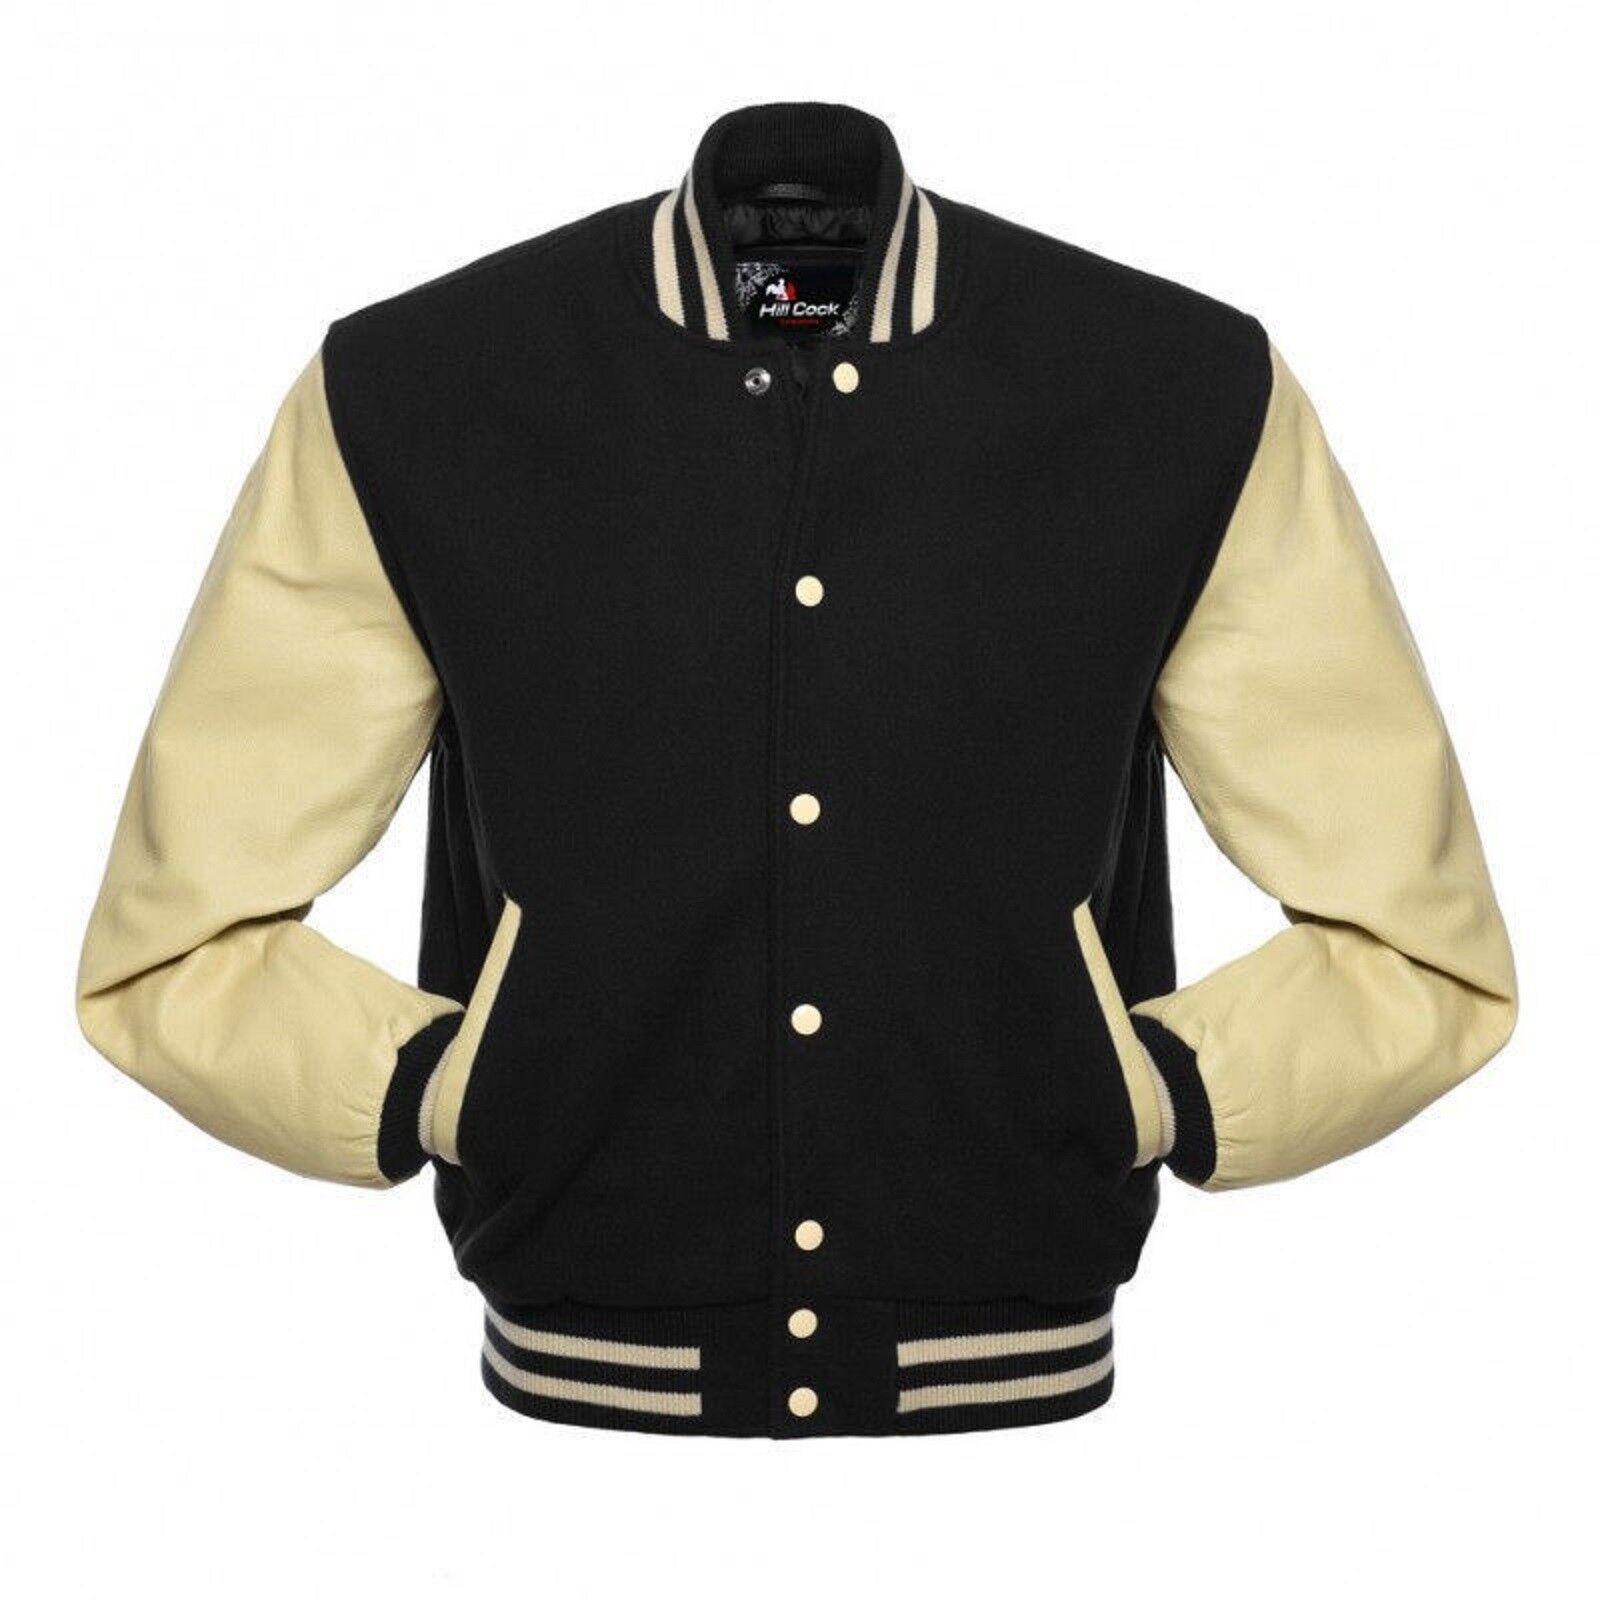 Di Alta Qualità Da Uomo Cotone Parka Parka Cotone Inverno Cappotti Lunga Giacca Invernale Cappotto Fashion beca47